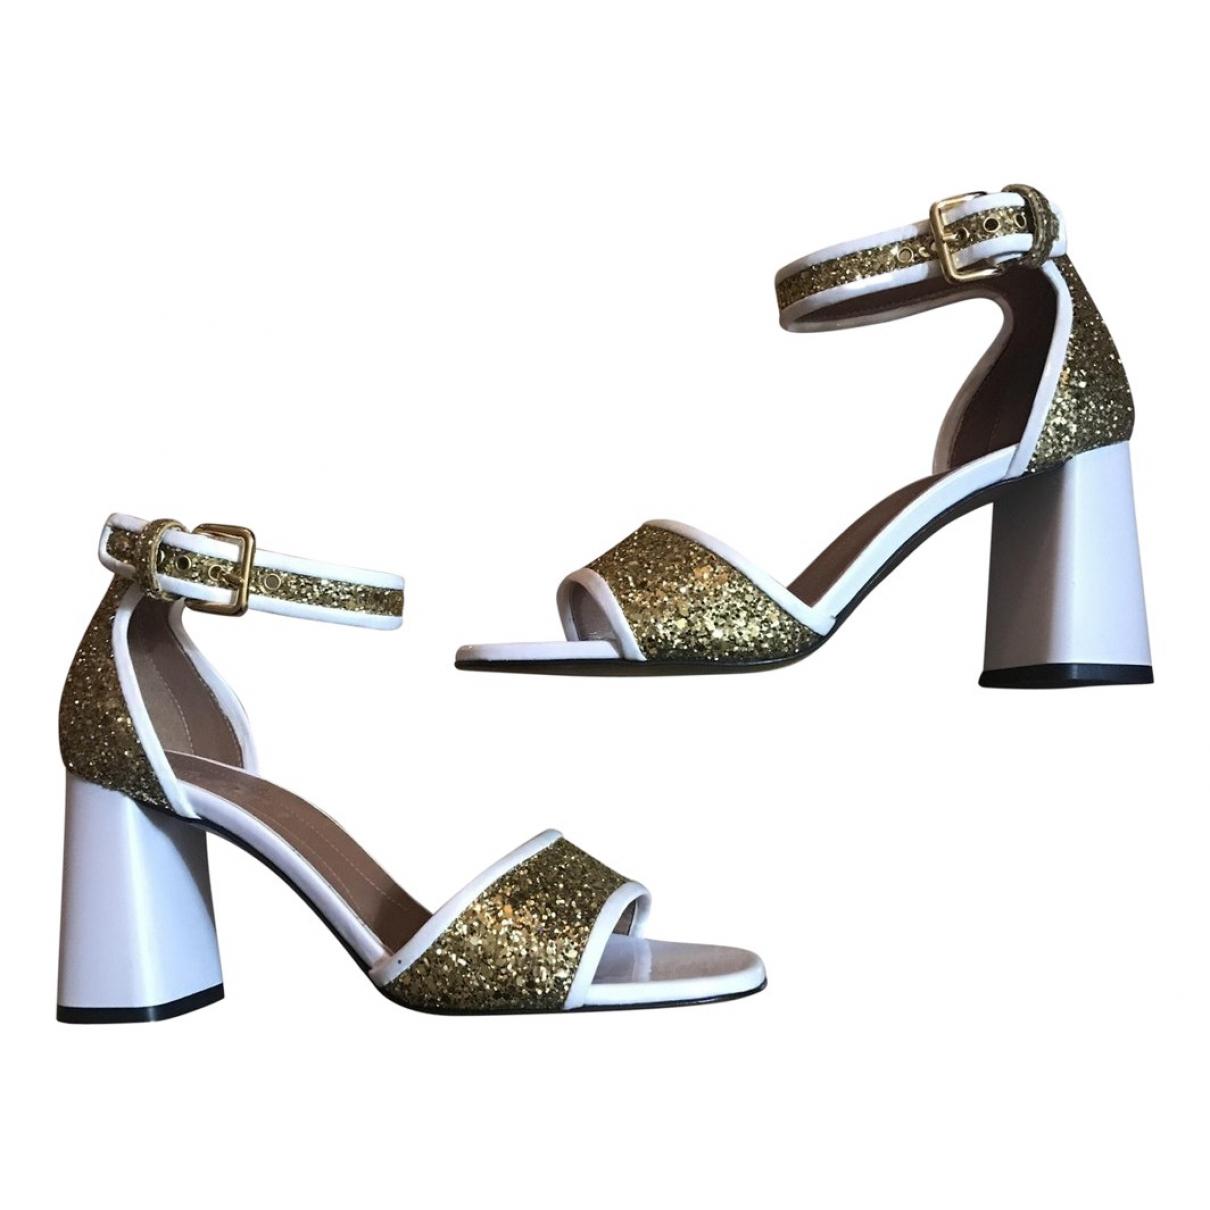 Marni - Sandales   pour femme en cuir - multicolore